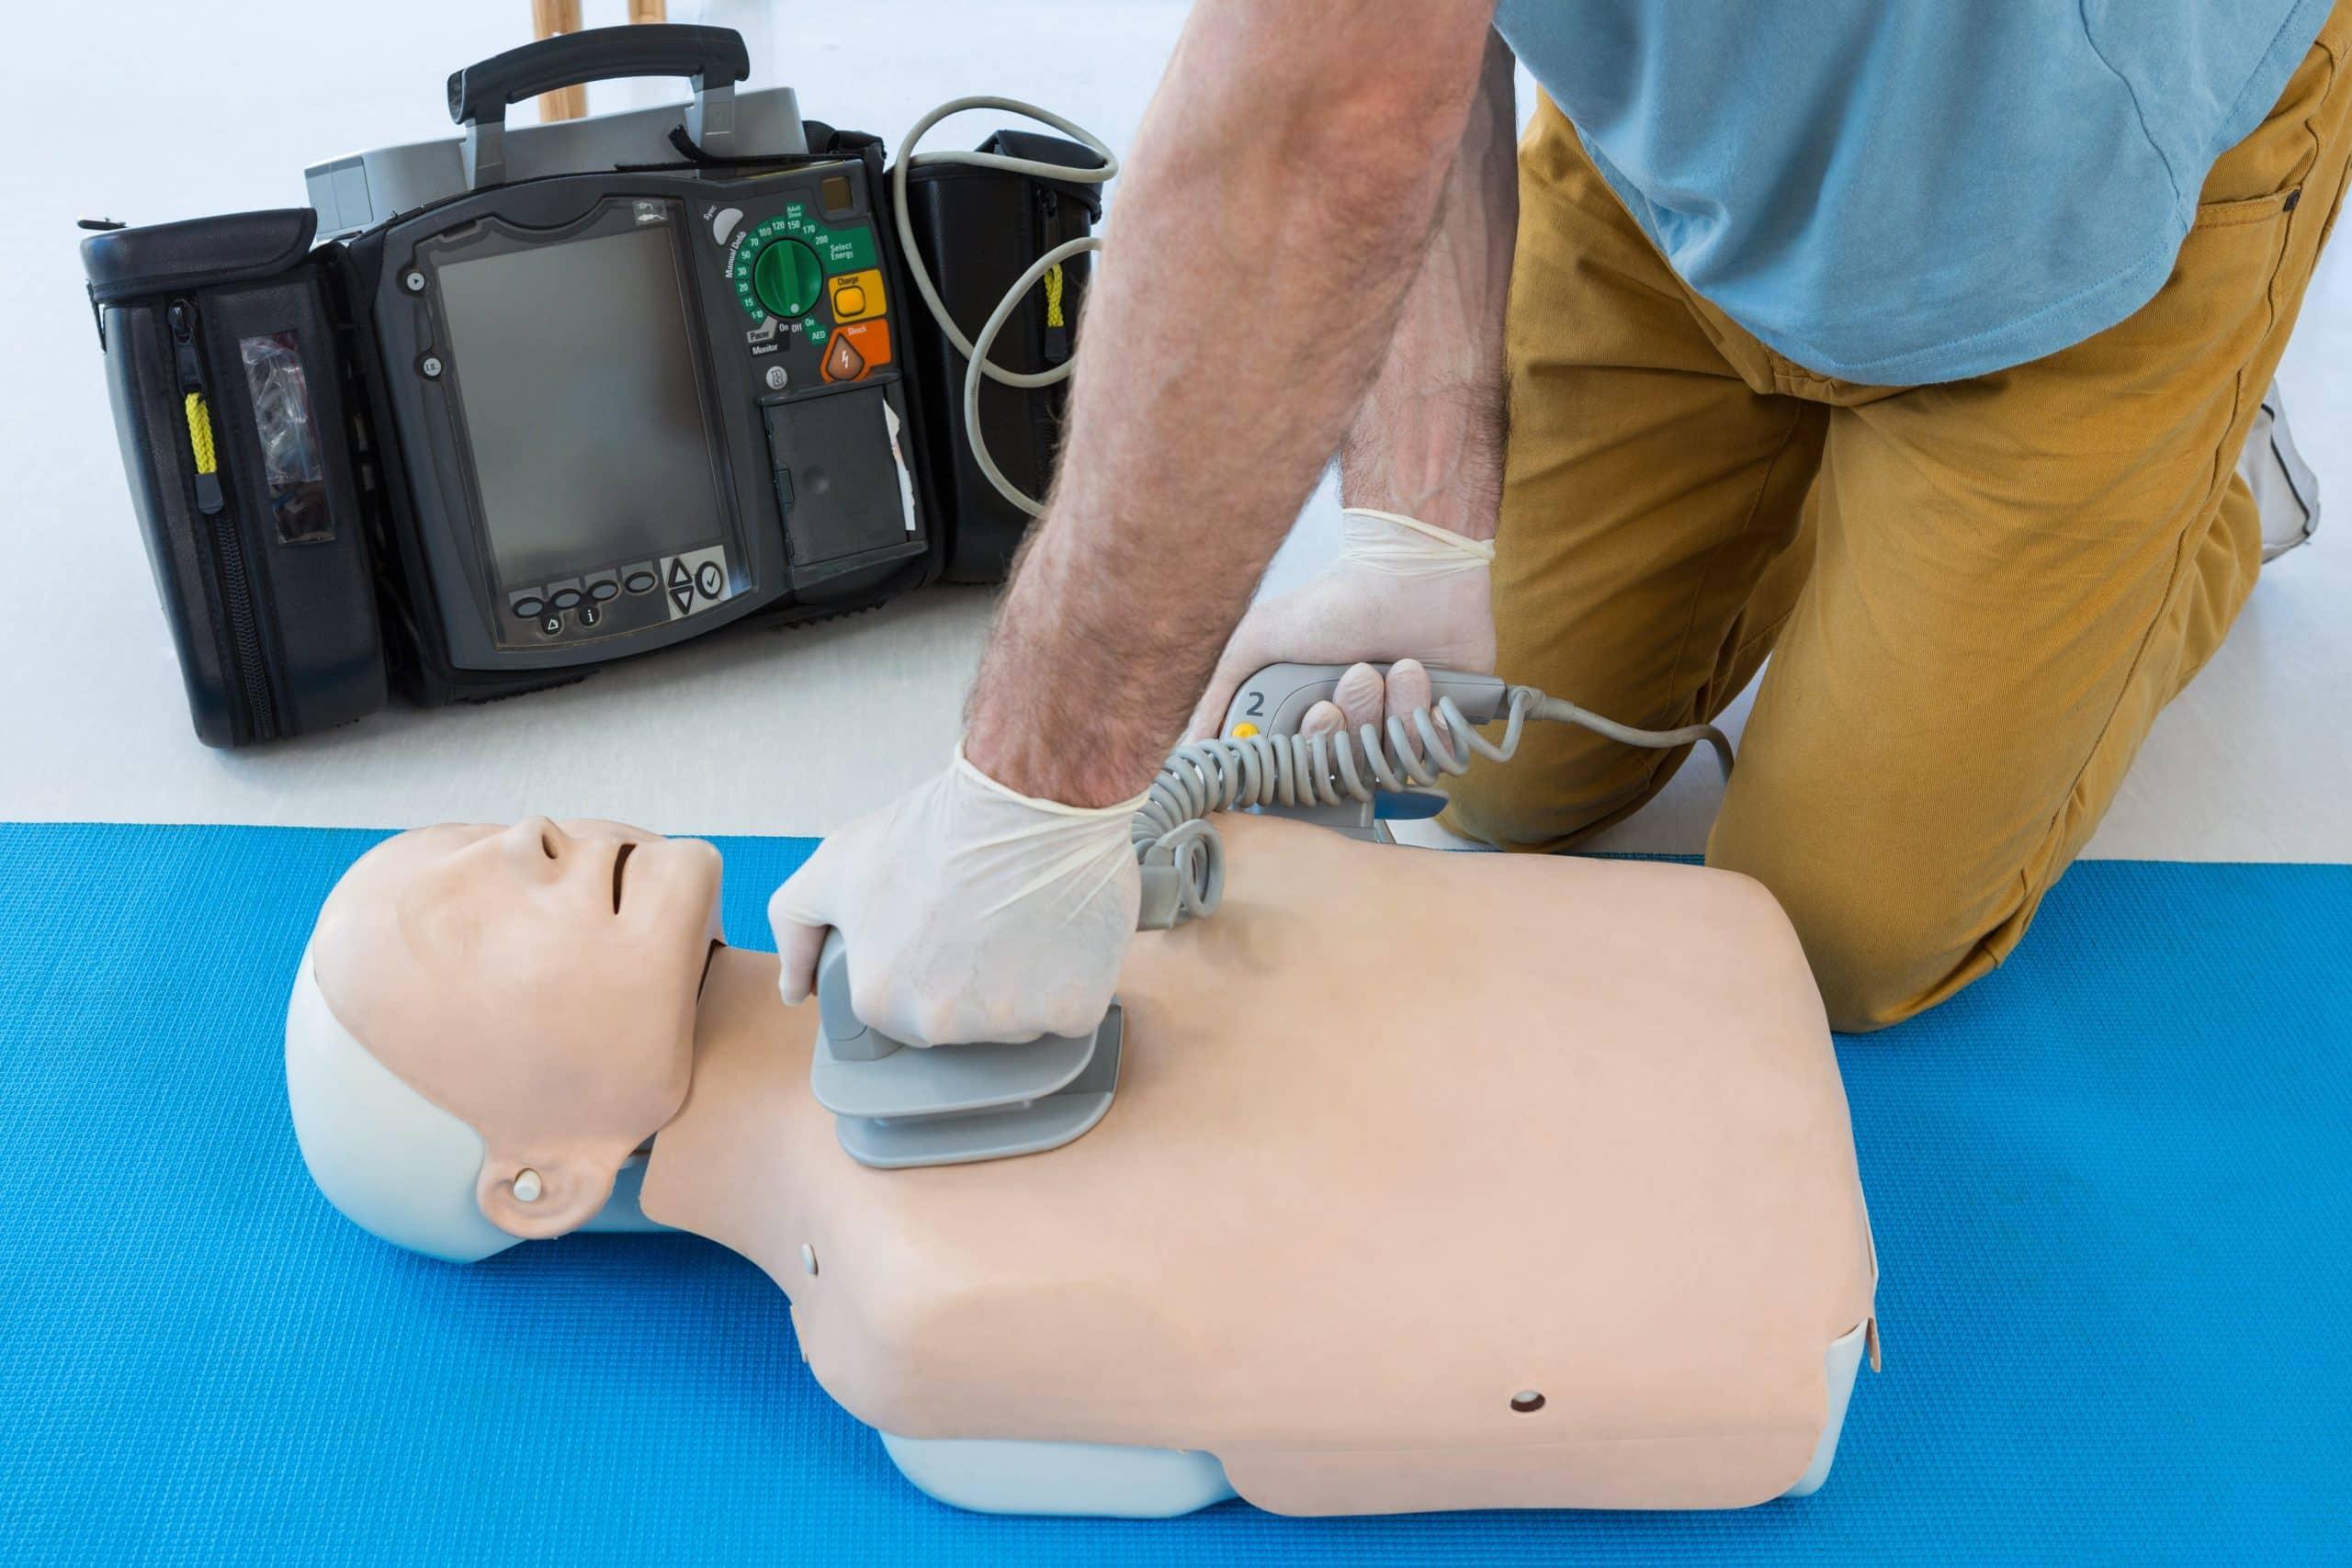 Apprenez l'ensemble des gestes de premiers secours en devenant SST : Sauveteur secouriste du travail dans votre centre de formation GRP près de Mulhouse